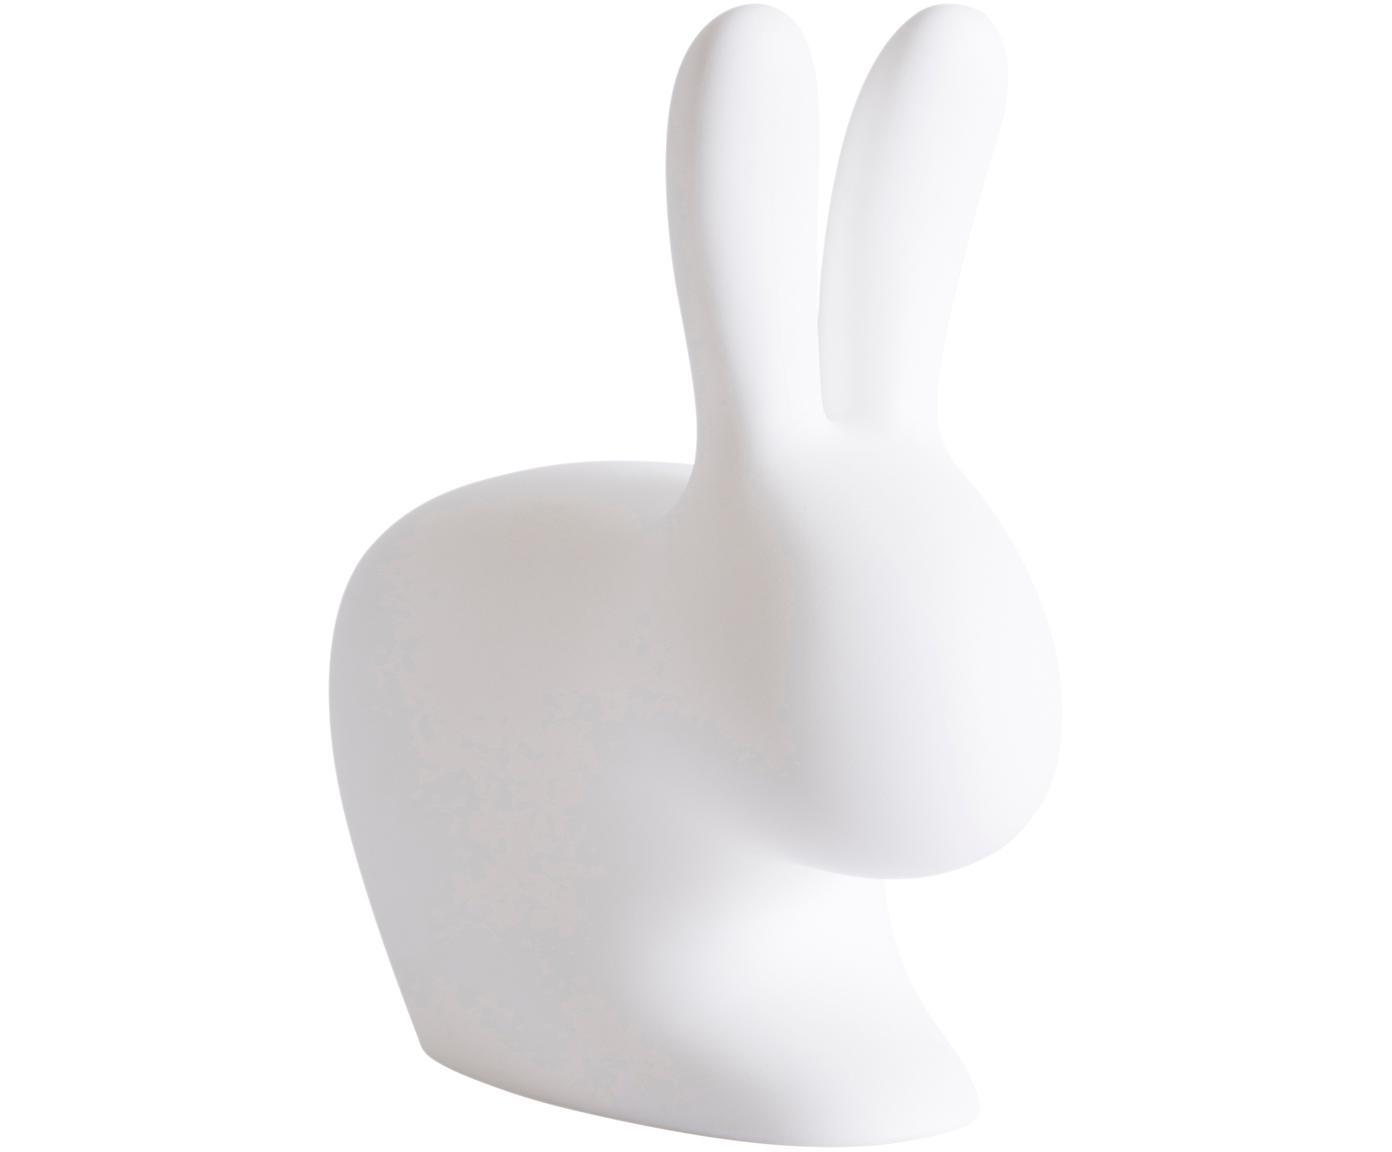 Lámpara de pie Rabbit, Plástico (polietileno), Blanco, An 46 x Al 53 cm